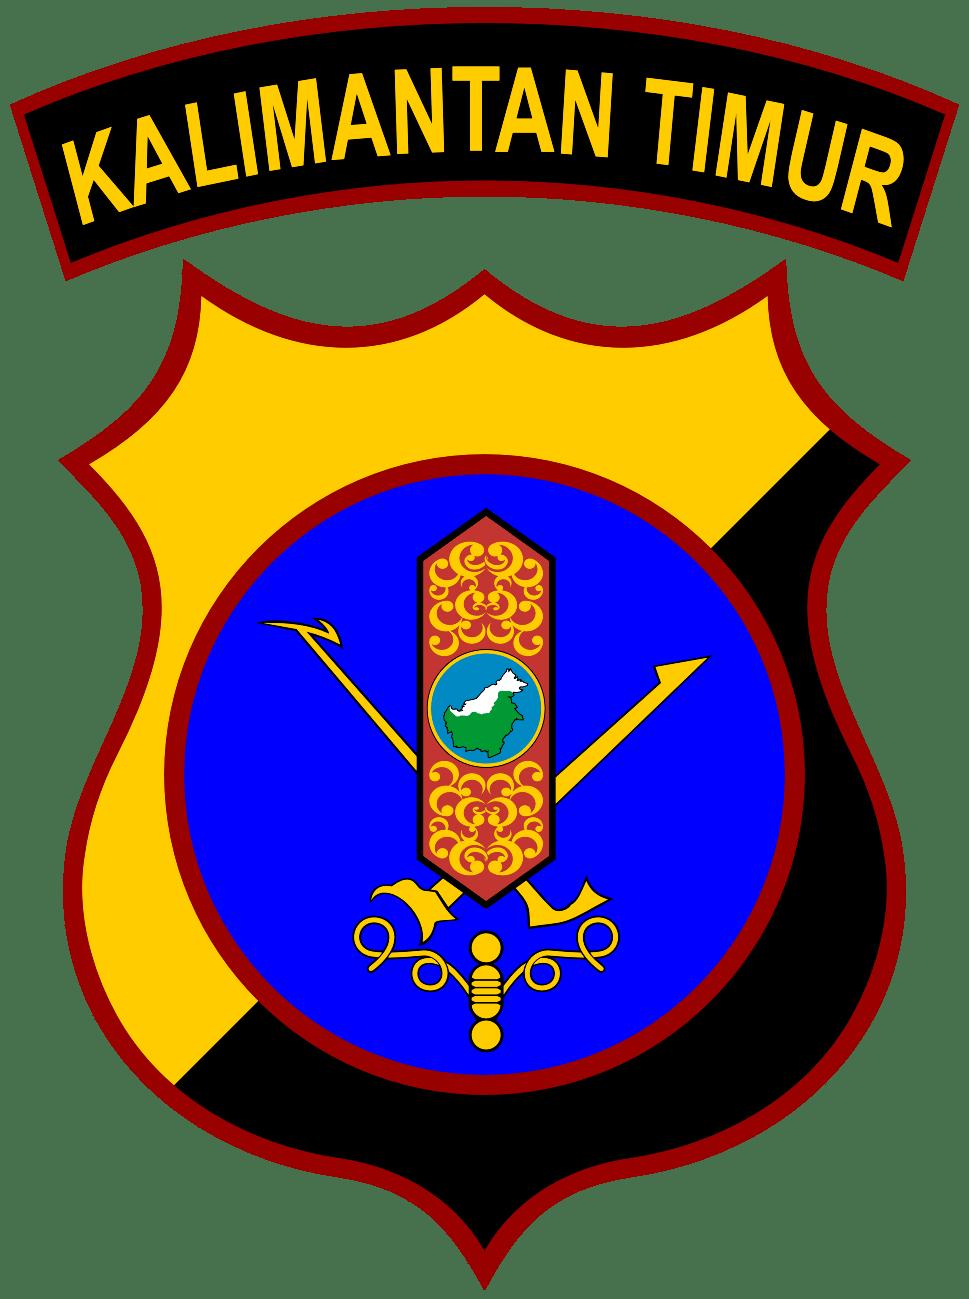 Logo Polda Kaltim Png : polda, kaltim, File:Lambang, Polda, Kaltim.png, Wikimedia, Commons